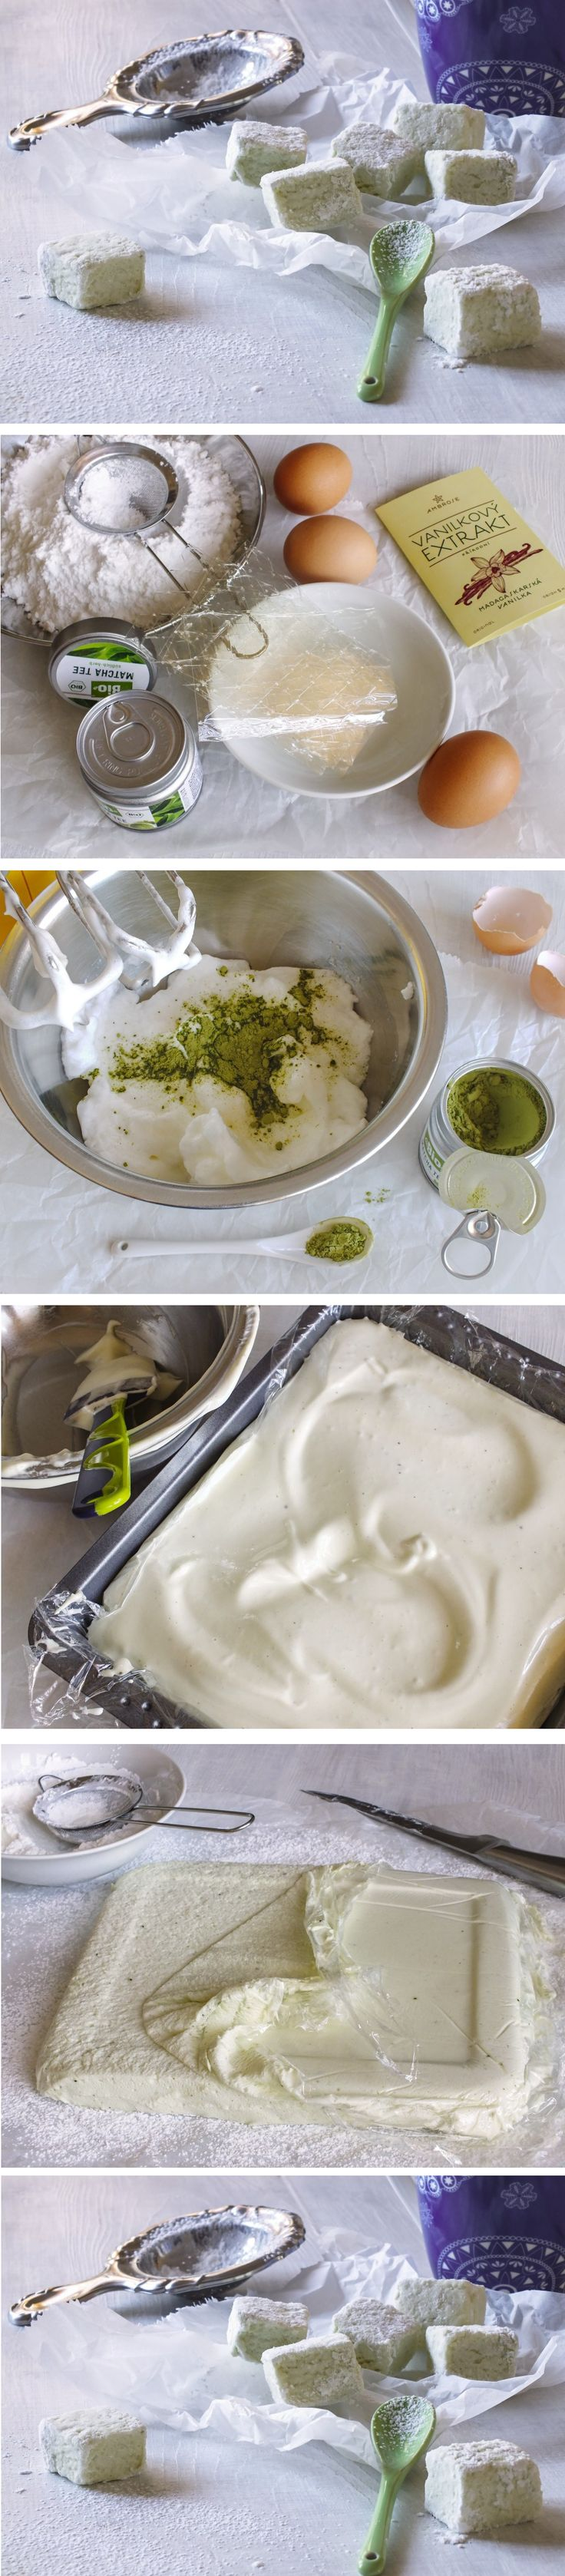 Potřebujete mlsání pro sebe nebo děti, které není plné chemie? Vyzkoušejte s námi domácí žužu bonbony vyrobené se zeleným čajem matcha.